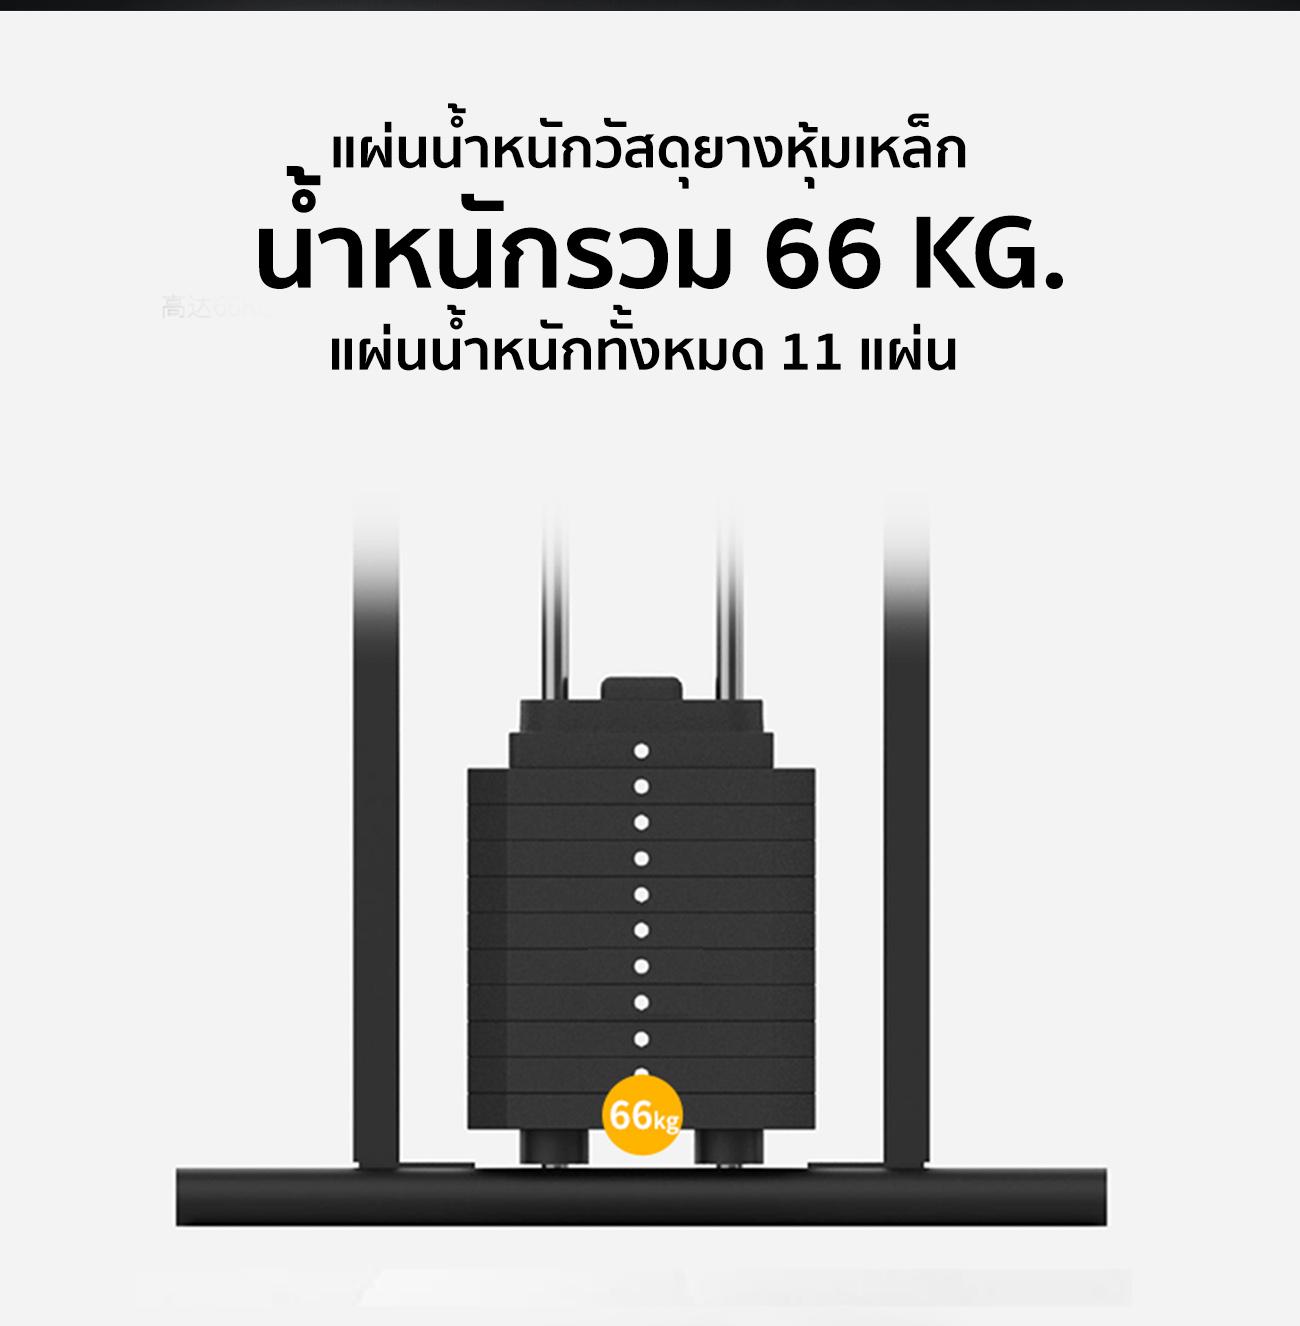 360องศา ฟิตเนส โฮมยิม แบบ 3 สถานี